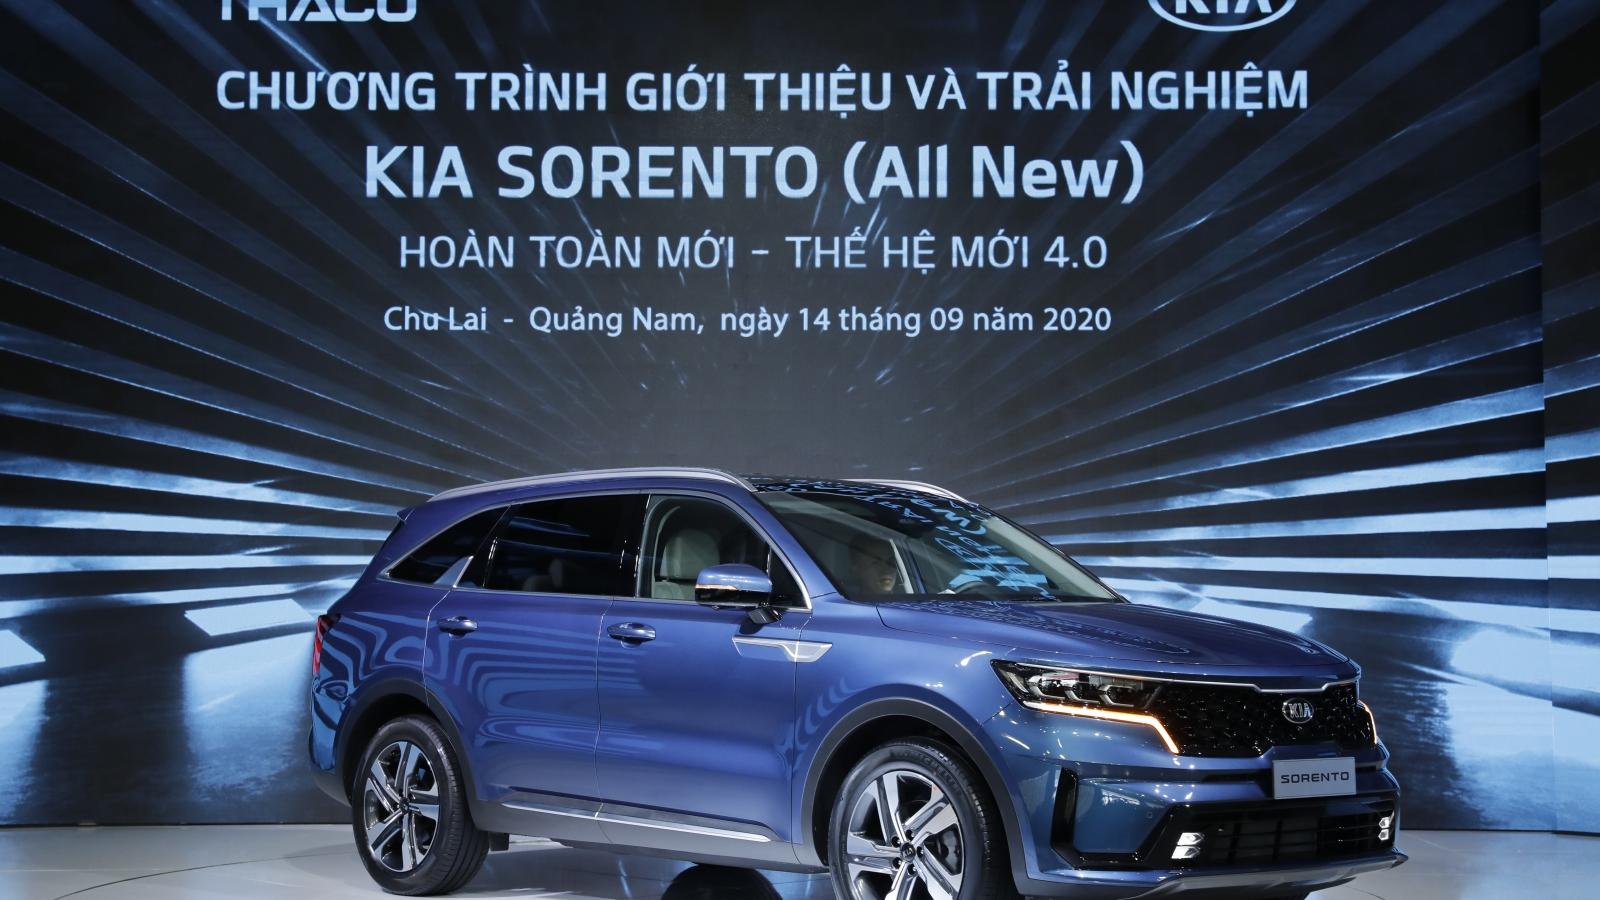 Mẫu xe Sorento thế hệ mới – thế hệ sản phẩm mới nhất của thương hiệu Kia